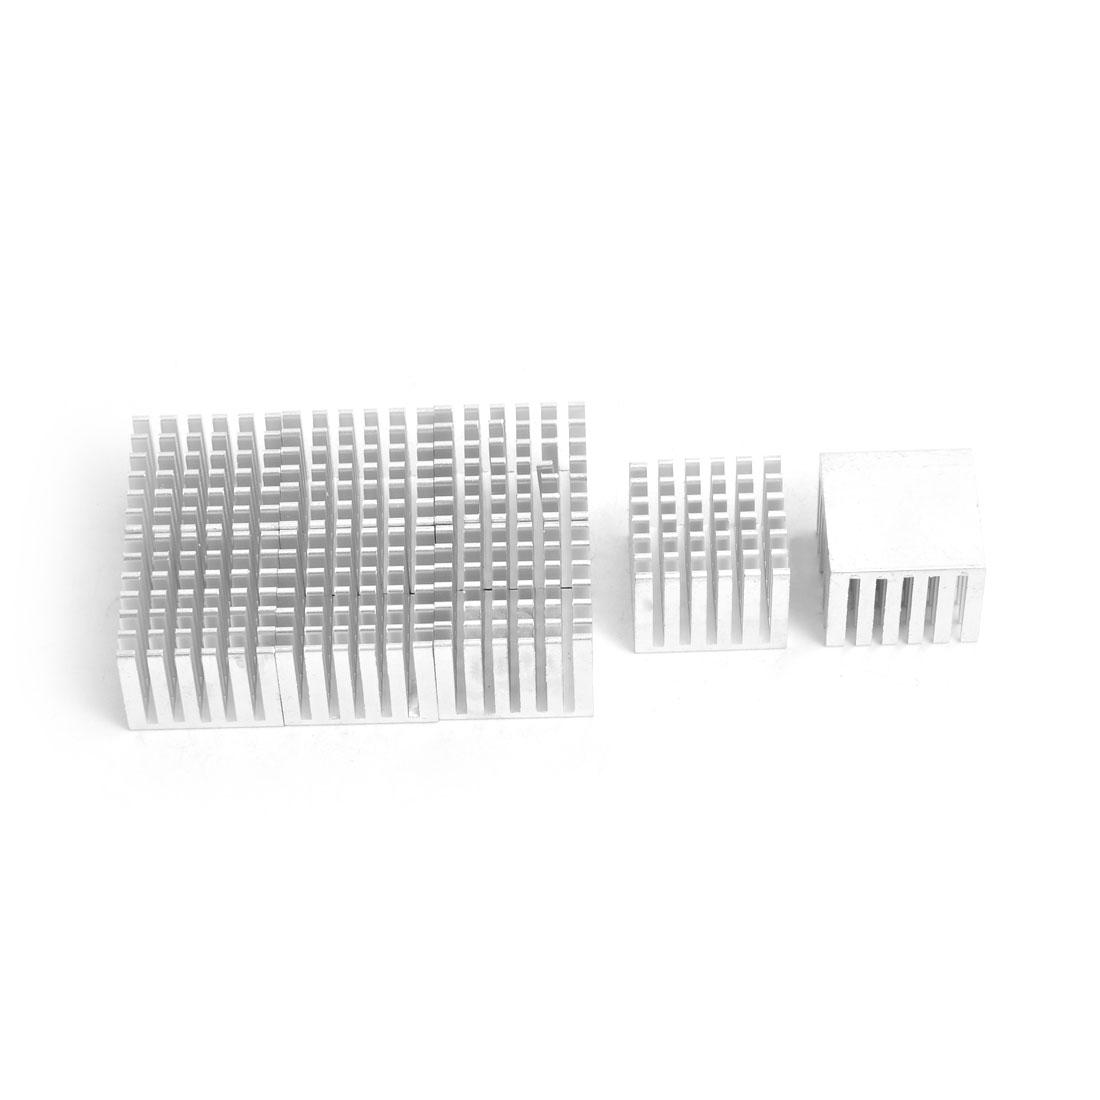 Aluminium Heat Diffuse Cooling Fin Cooler Silver Tone 25mm x 25mm x 20mm 8 Pcs